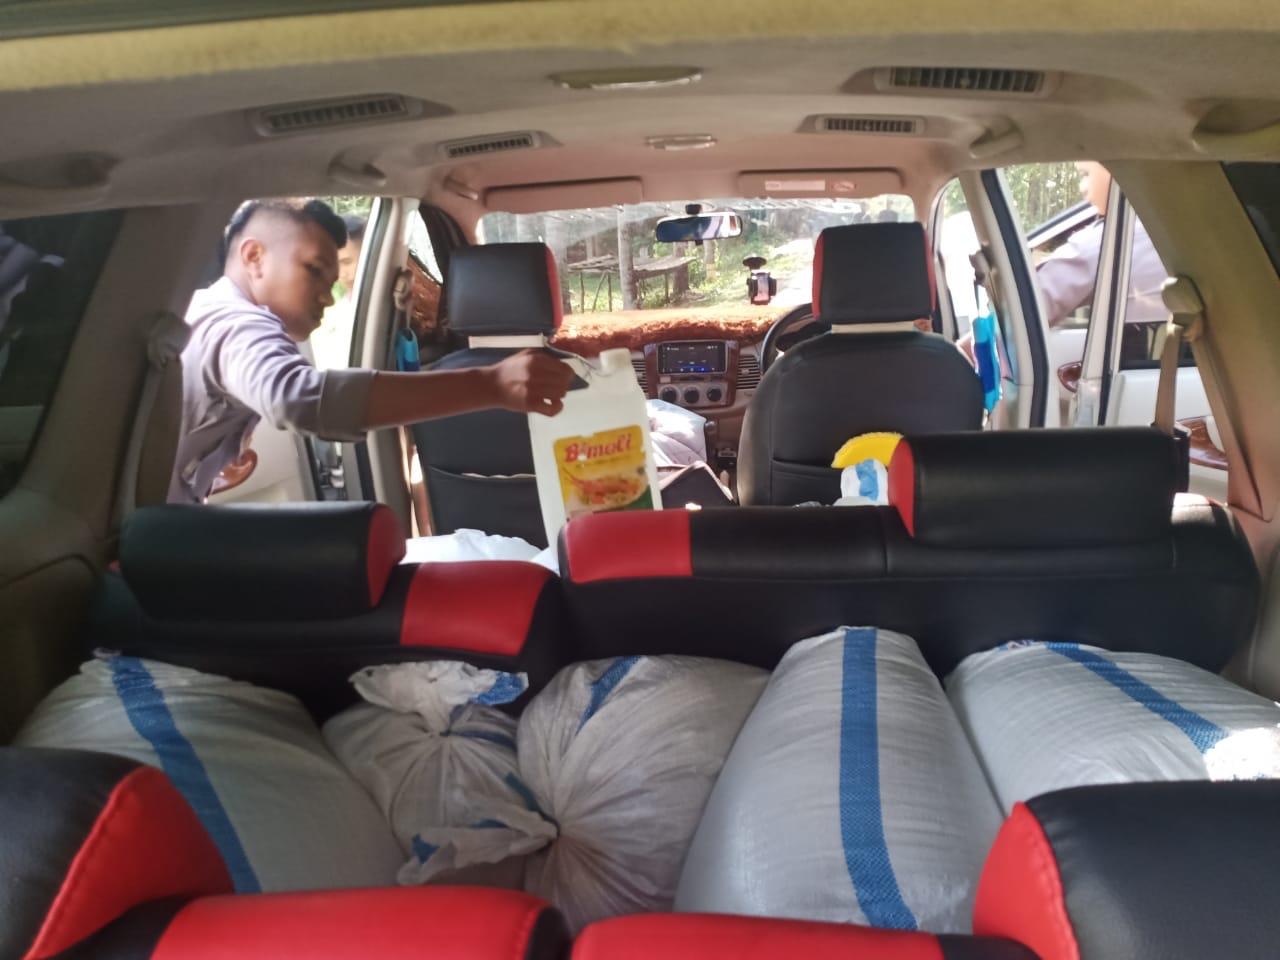 Distribusi 320 Miras Berhasil Digagalkan, Kapolres Sumba Barat Apresiasi Kinerja Tim